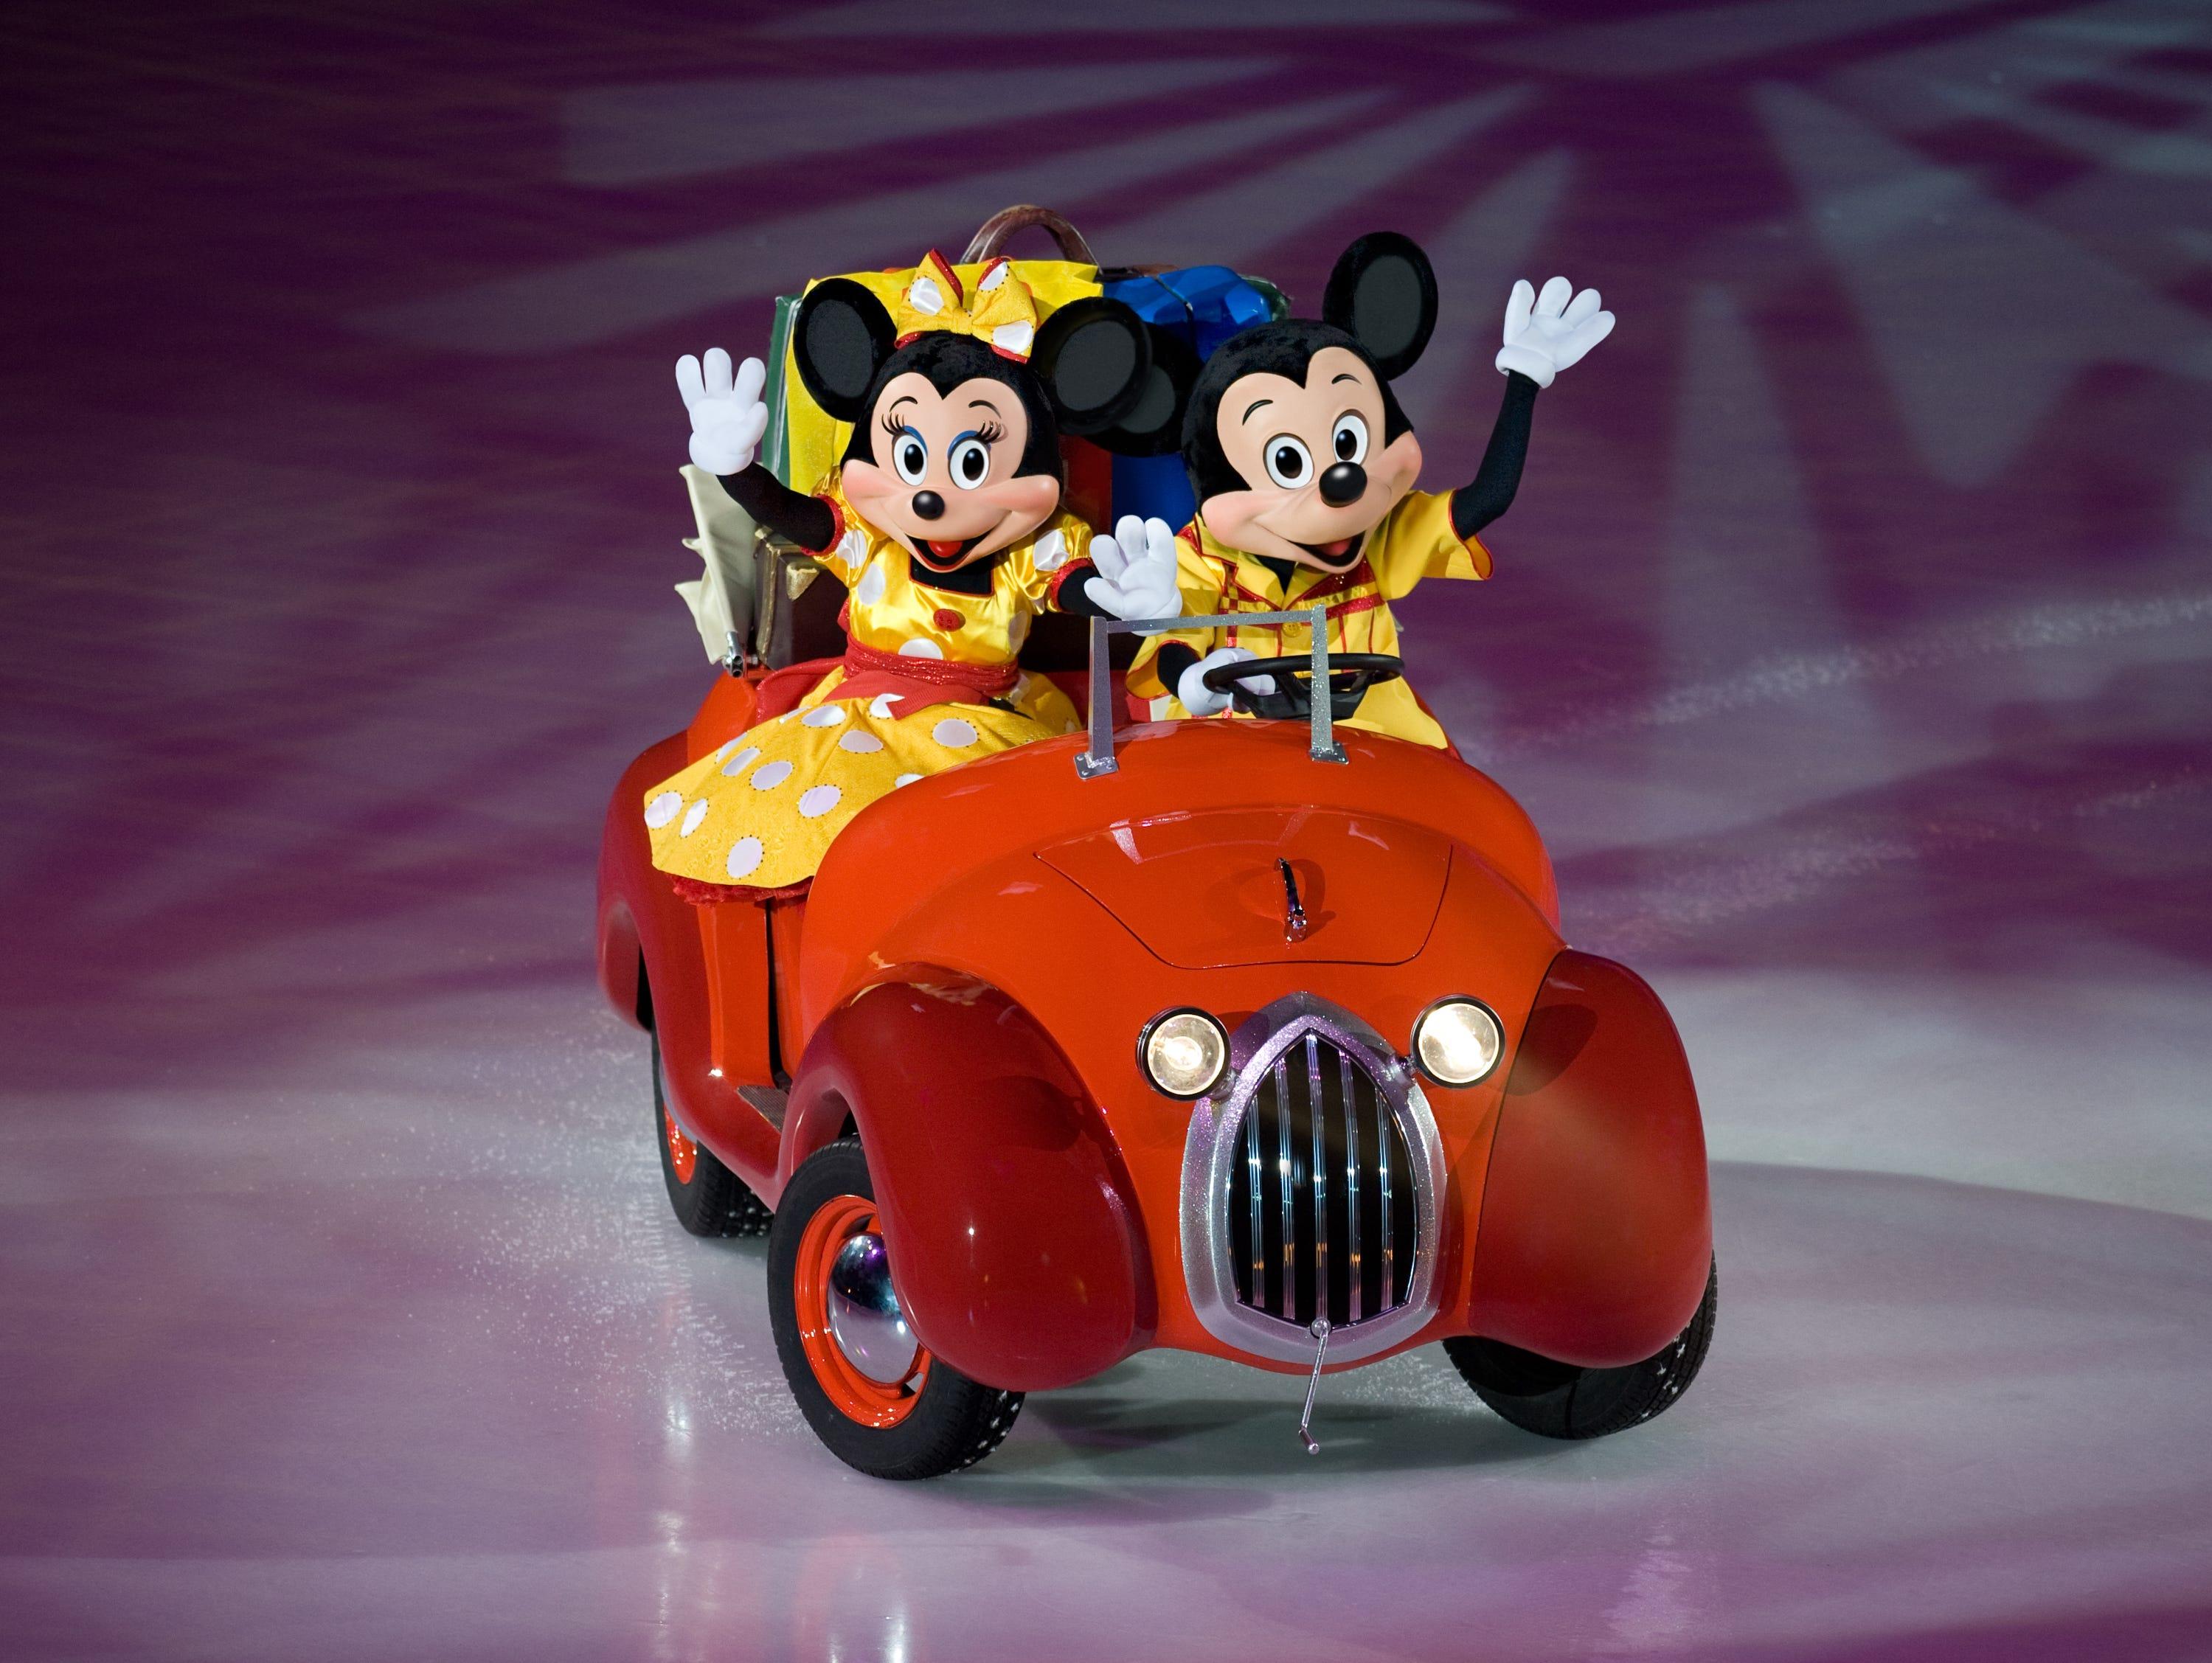 Producido por Feld Entertainment, Disney On Ice presents Worlds of Enchantment tendrá funciones del 11 al 14 de abril en Talking Stick Resort Arena en Phoenix, Arizona.